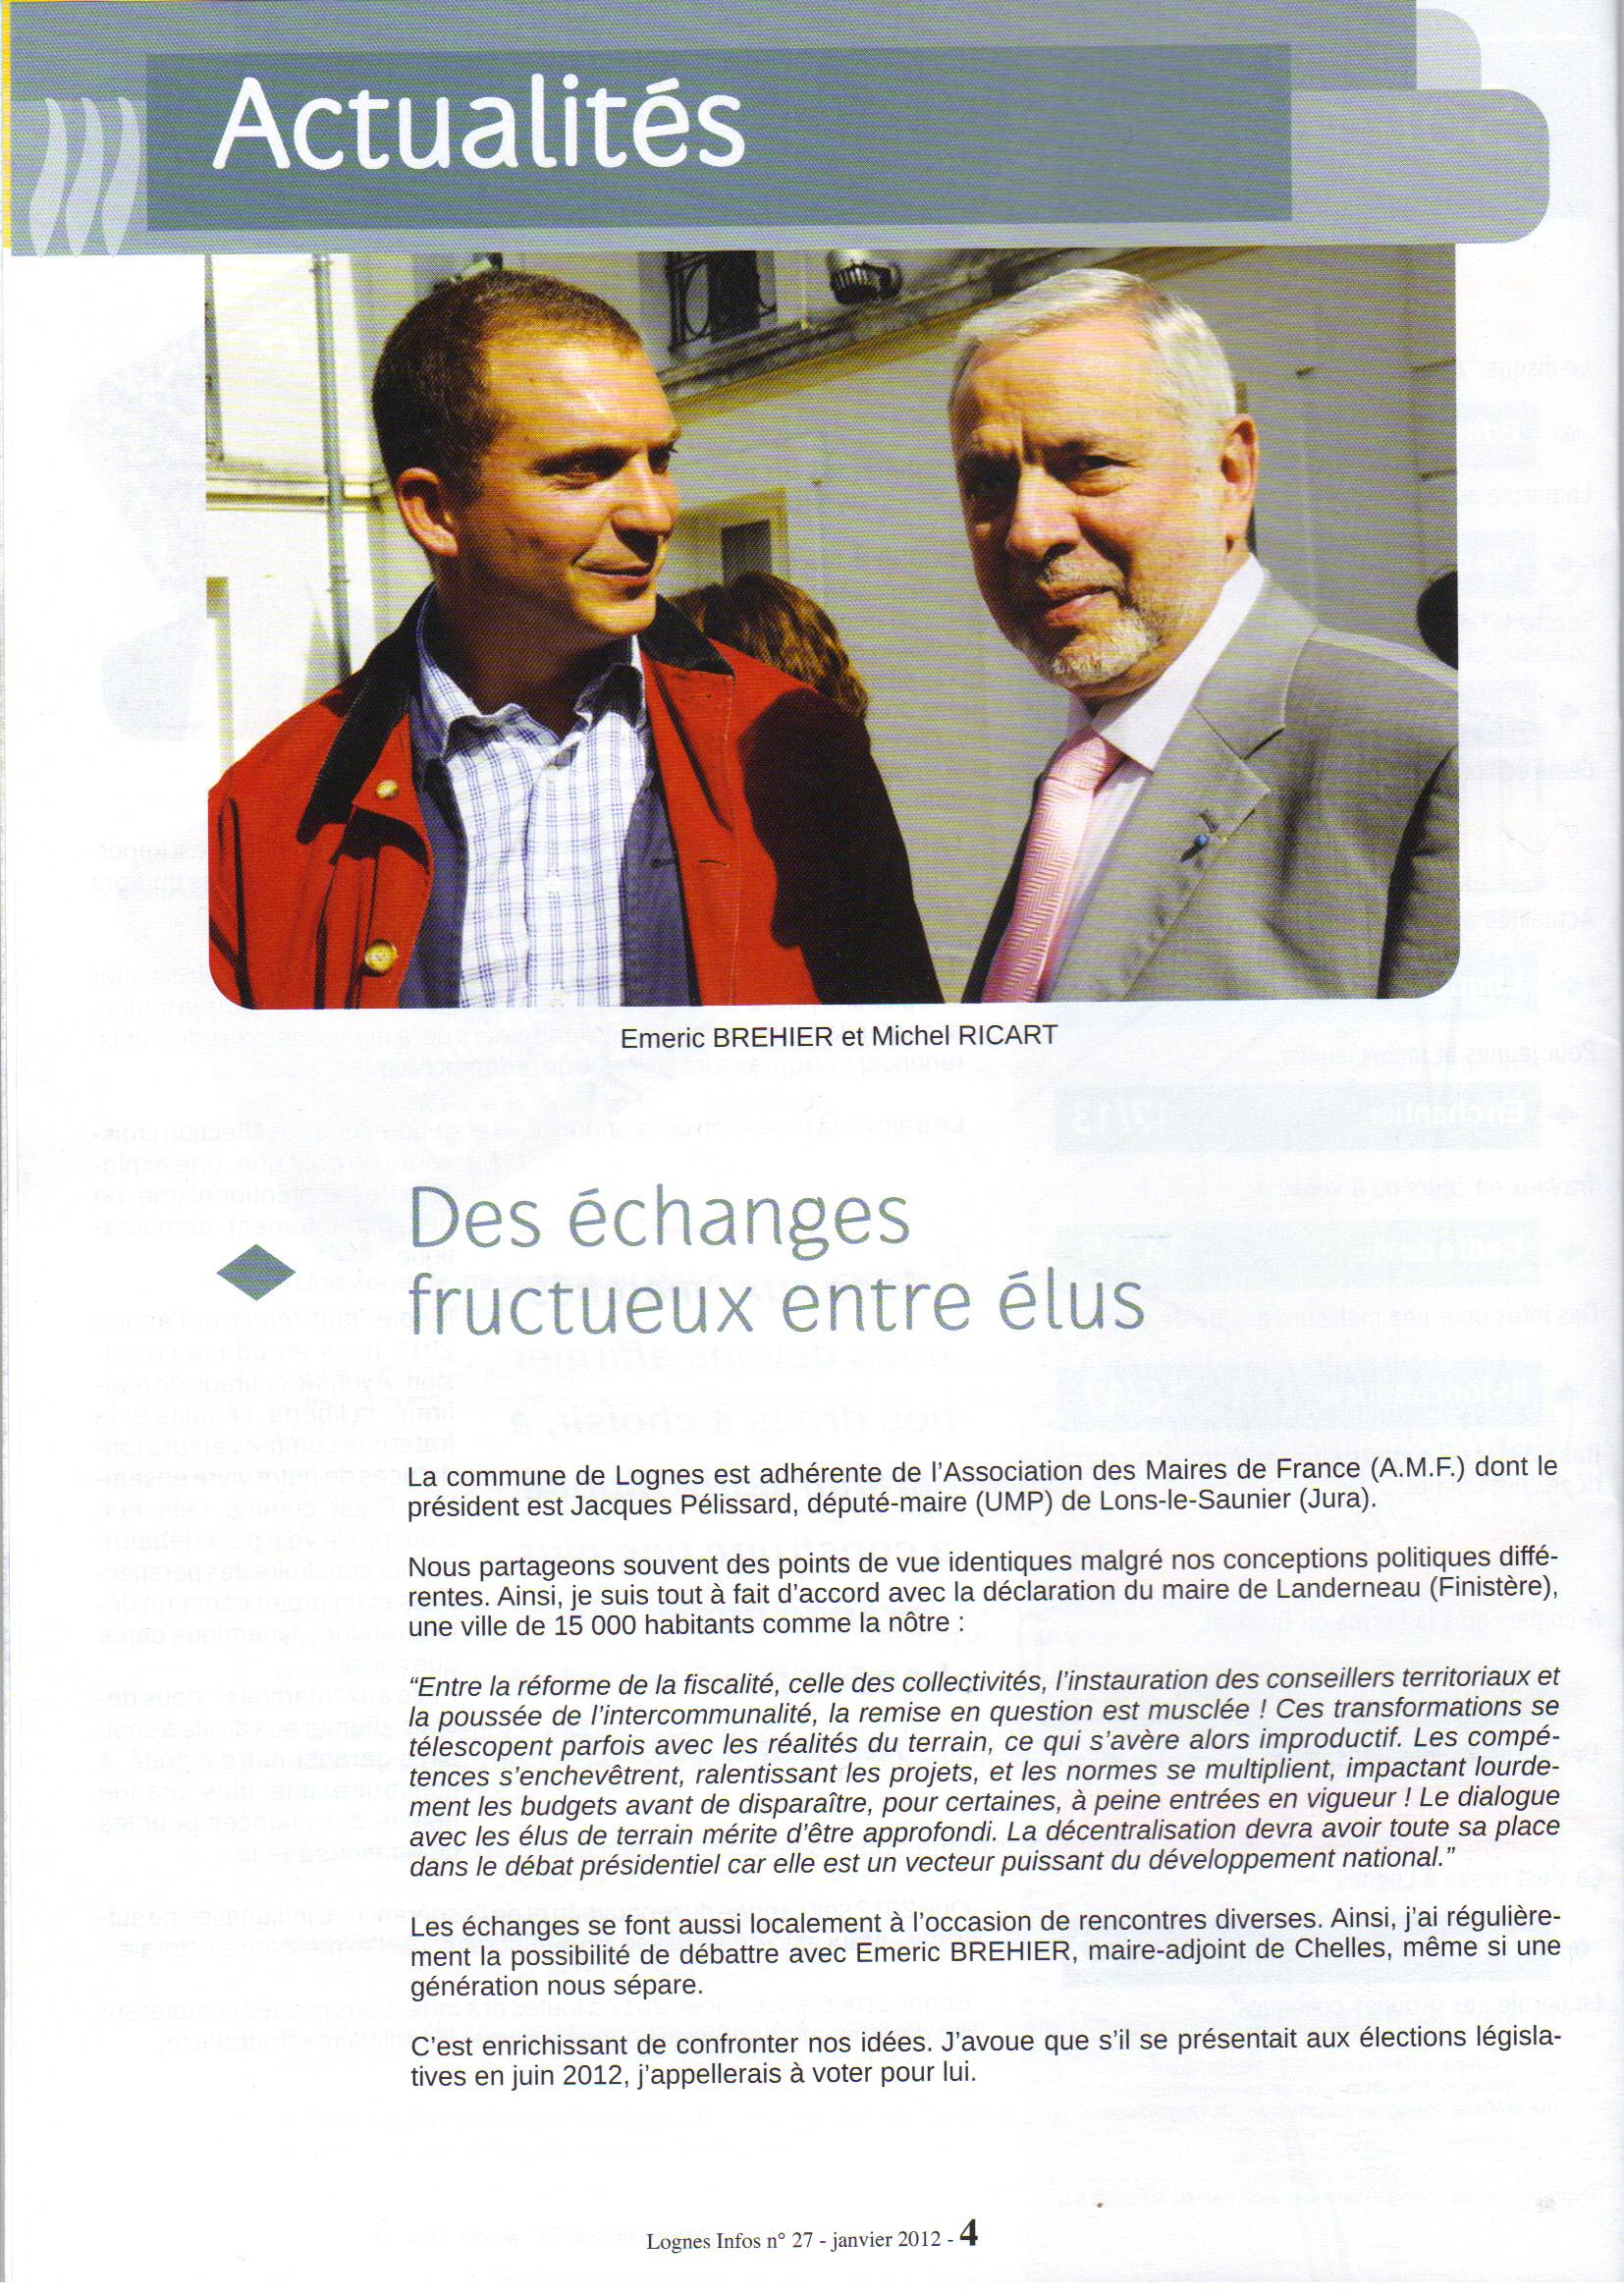 05-01-2012-brehier.JPG